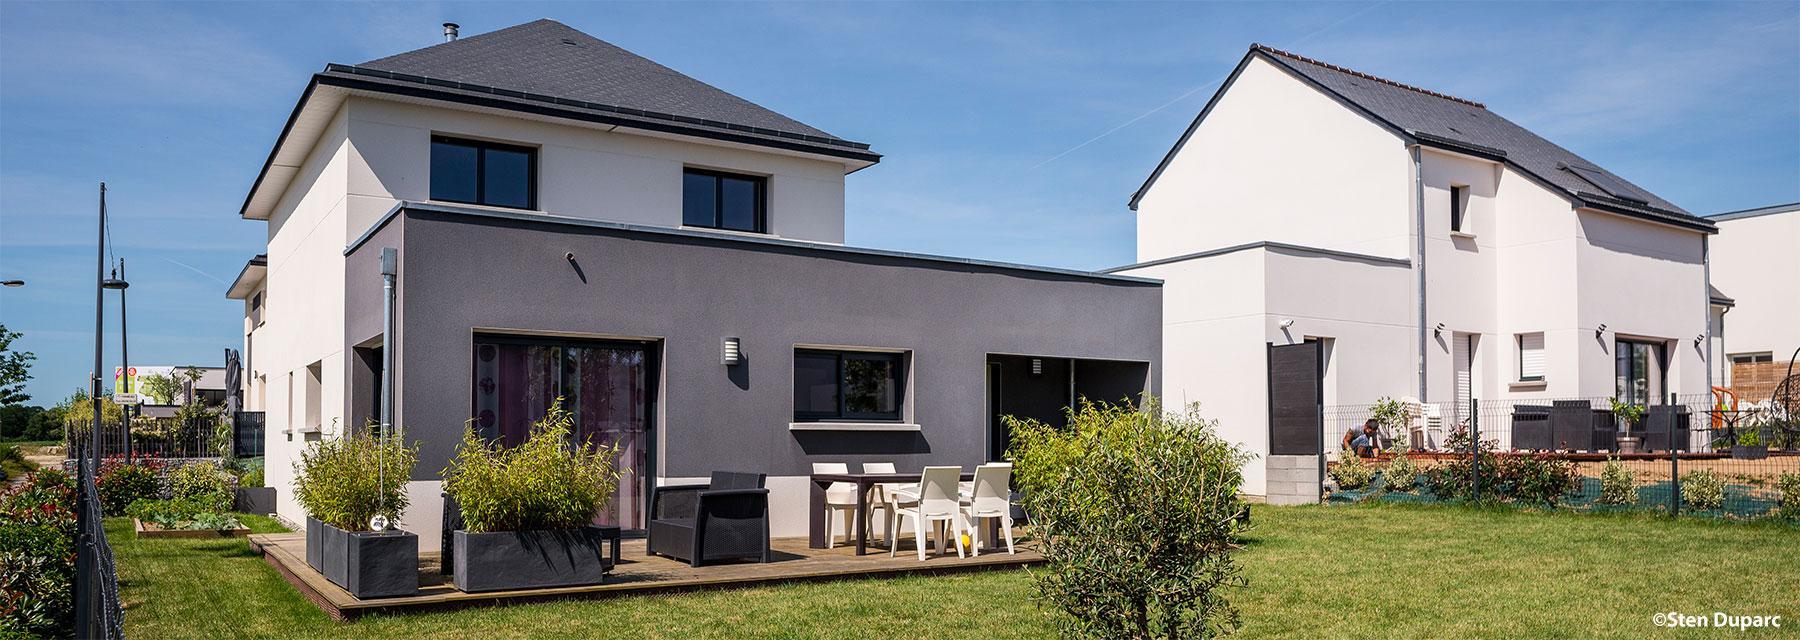 Maisons cr ation constructeur de maisons individuelles for Constructeur de maisons individuelles caen